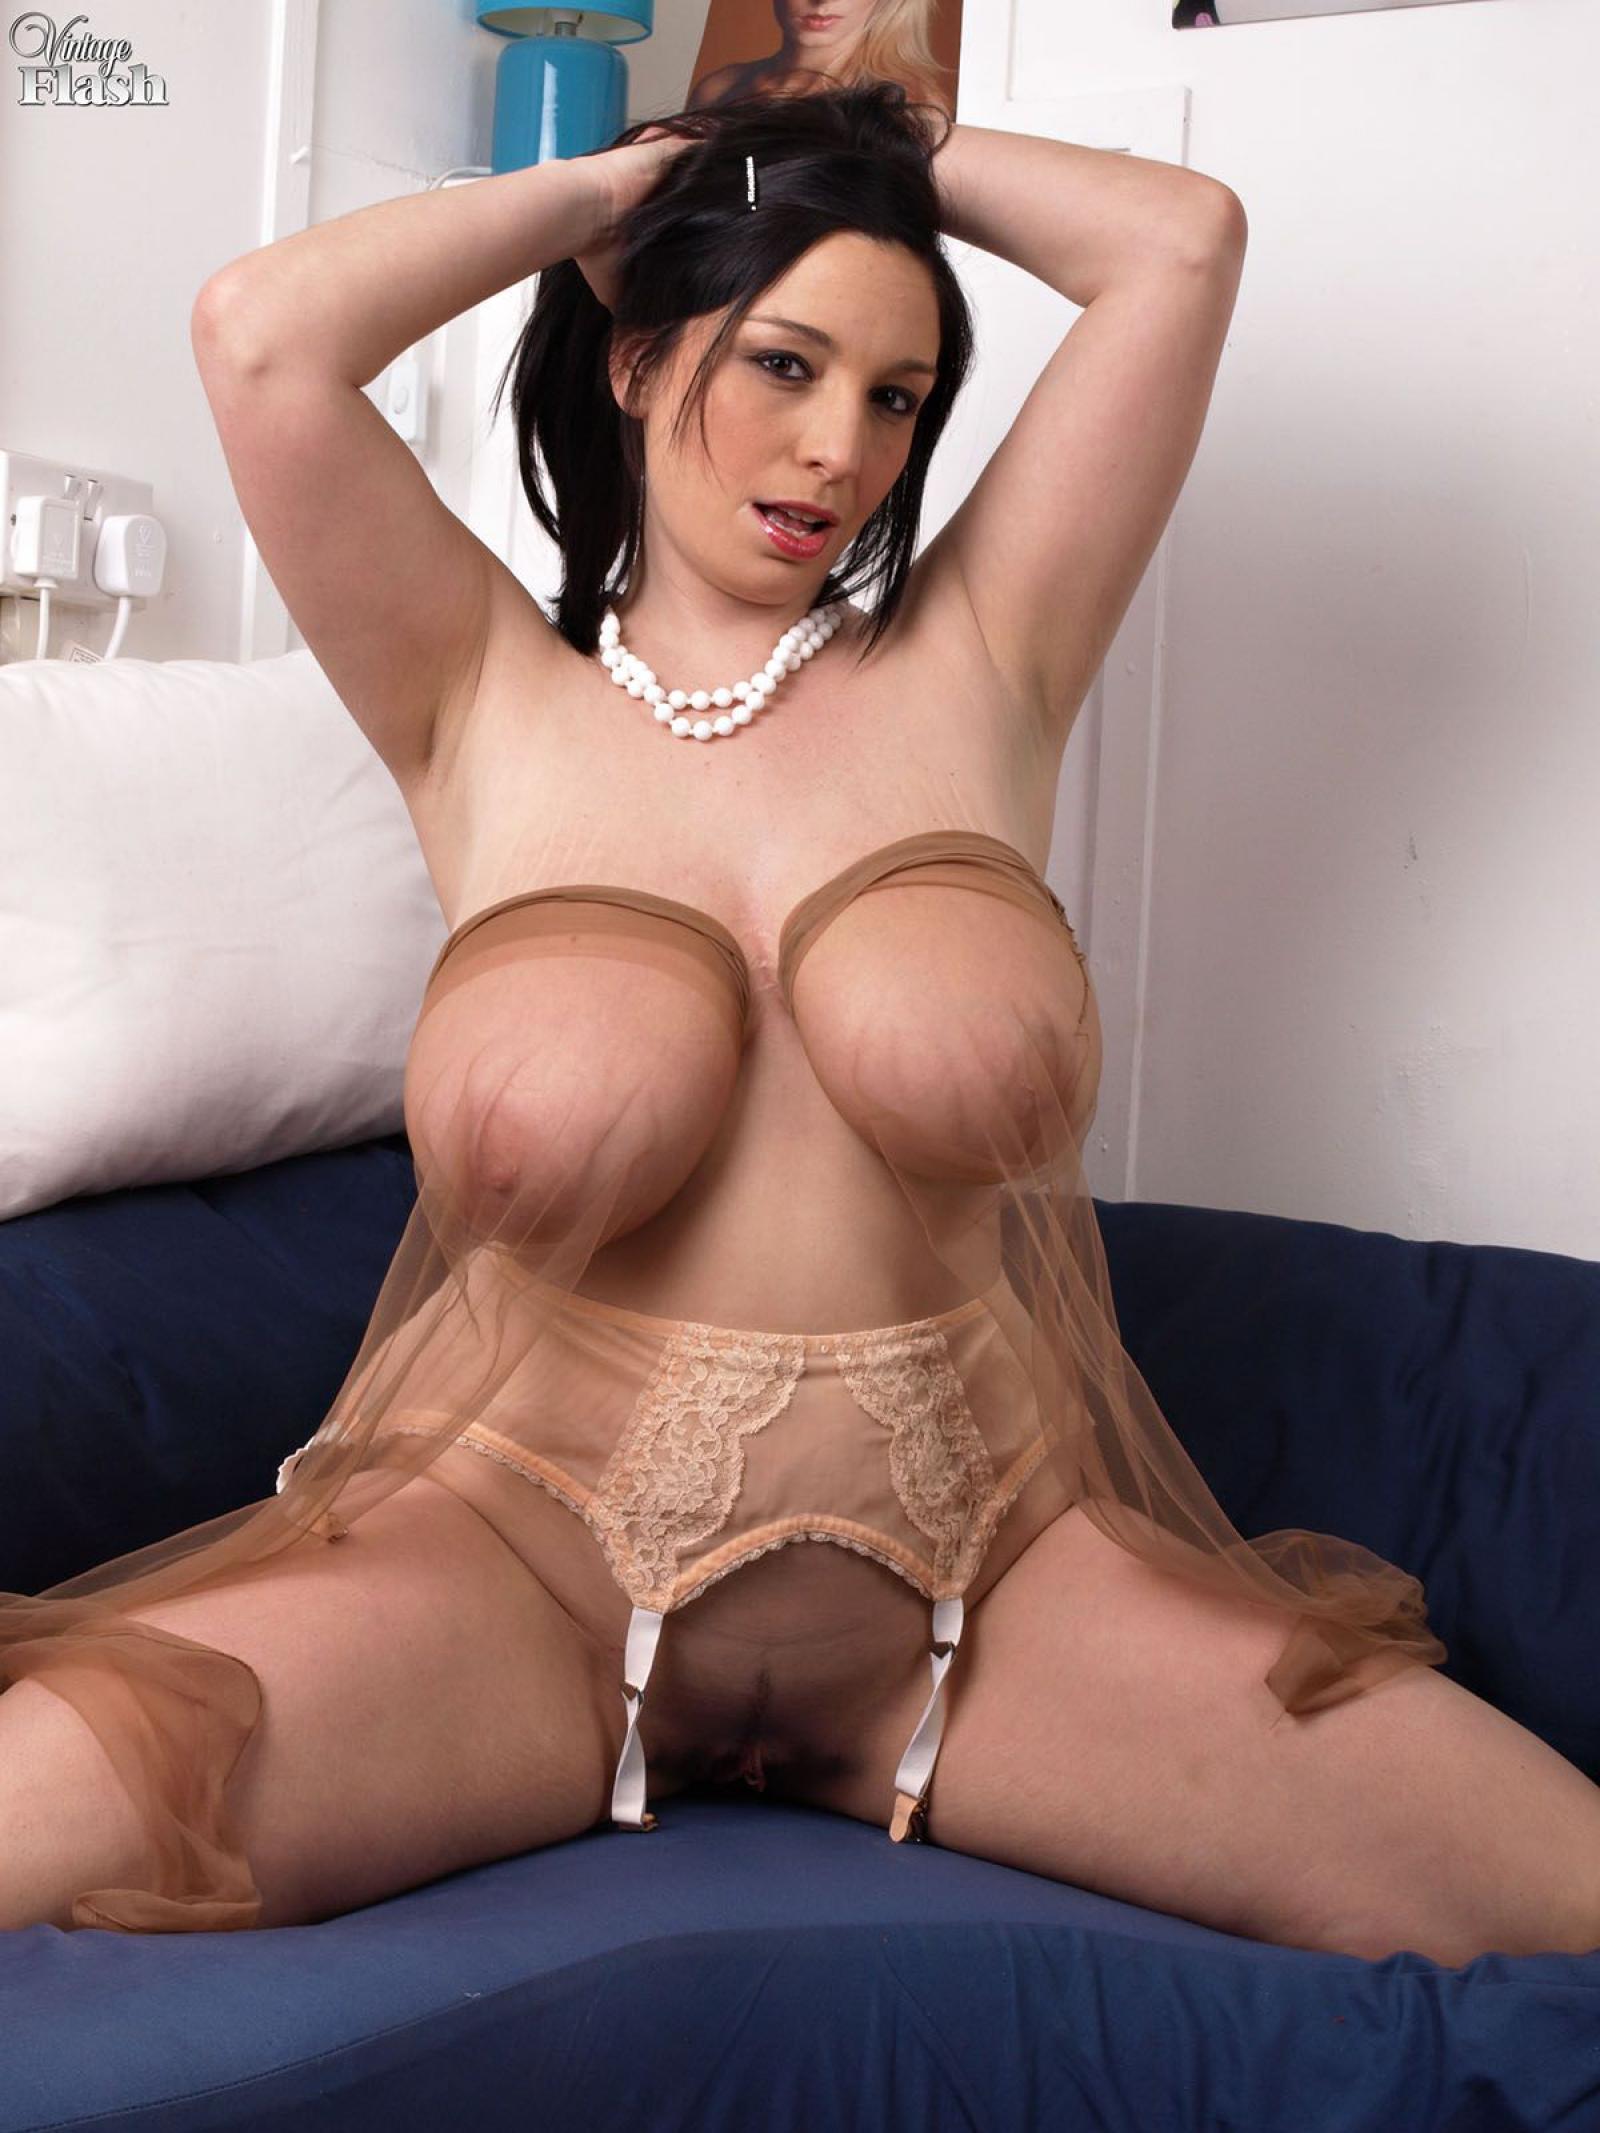 Фото порно тети с большими сиськами #6